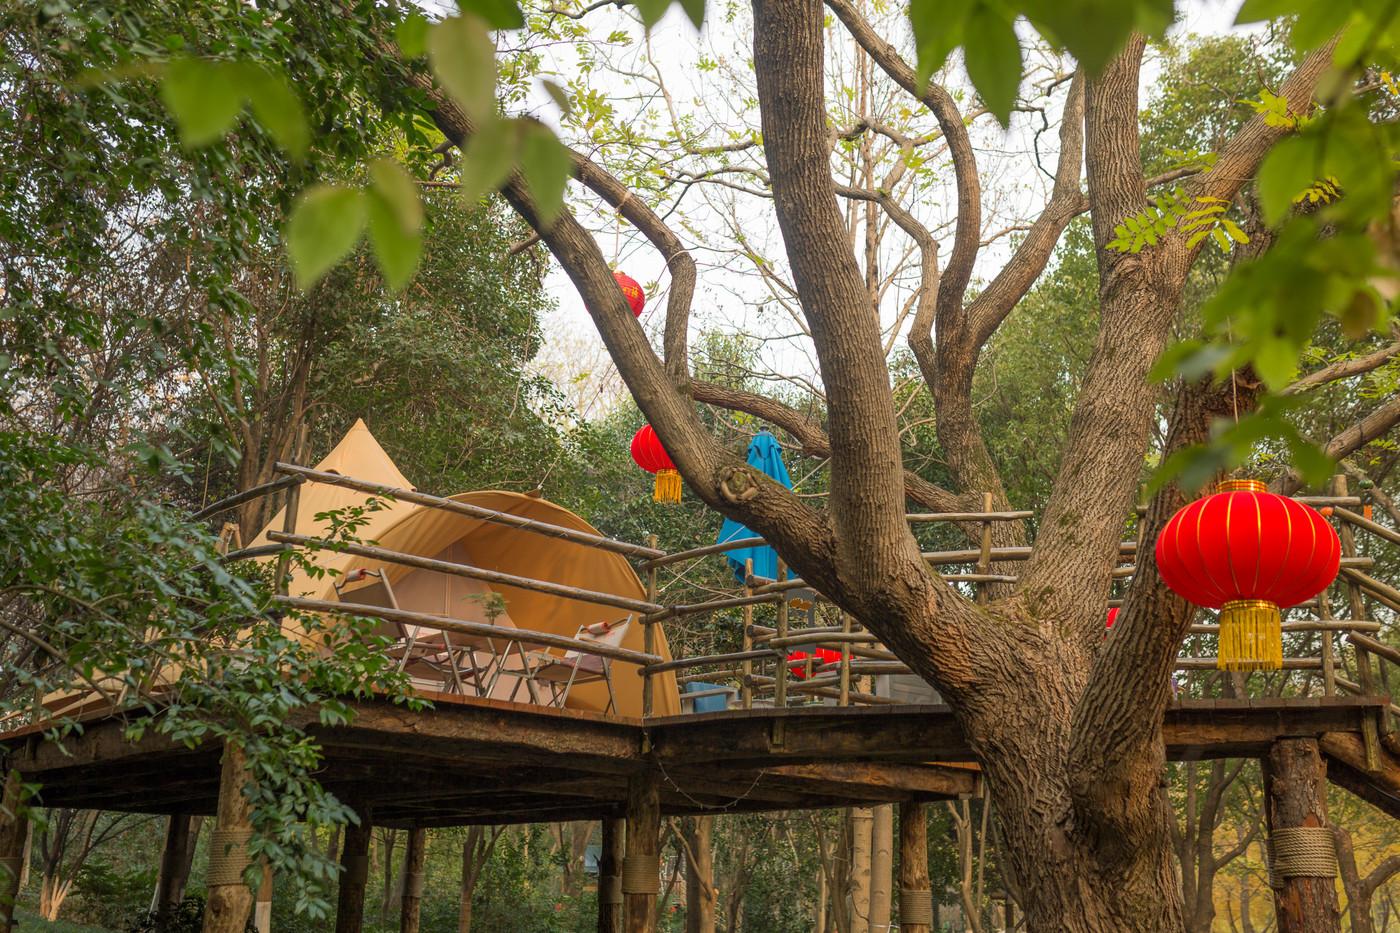 喜马拉雅野奢帐篷酒店—江苏常州天目湖树屋19